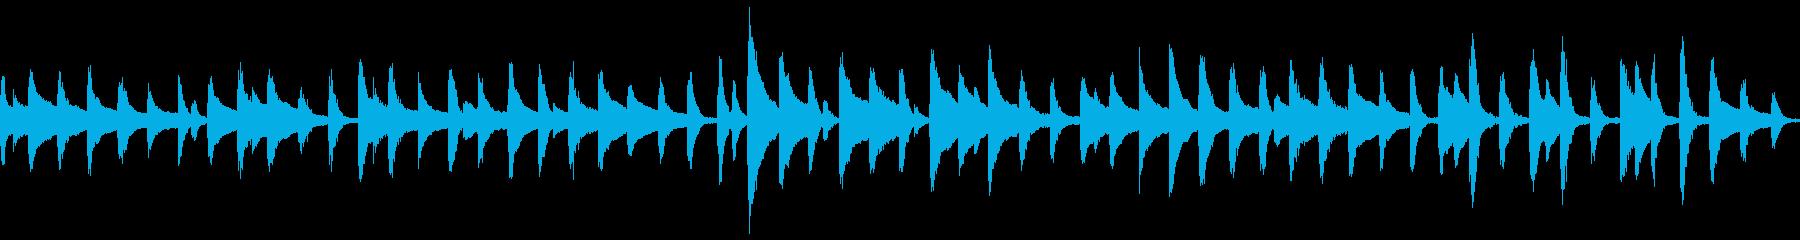 童謡「鯉のぼり」ループ仕様ピアノソロの再生済みの波形